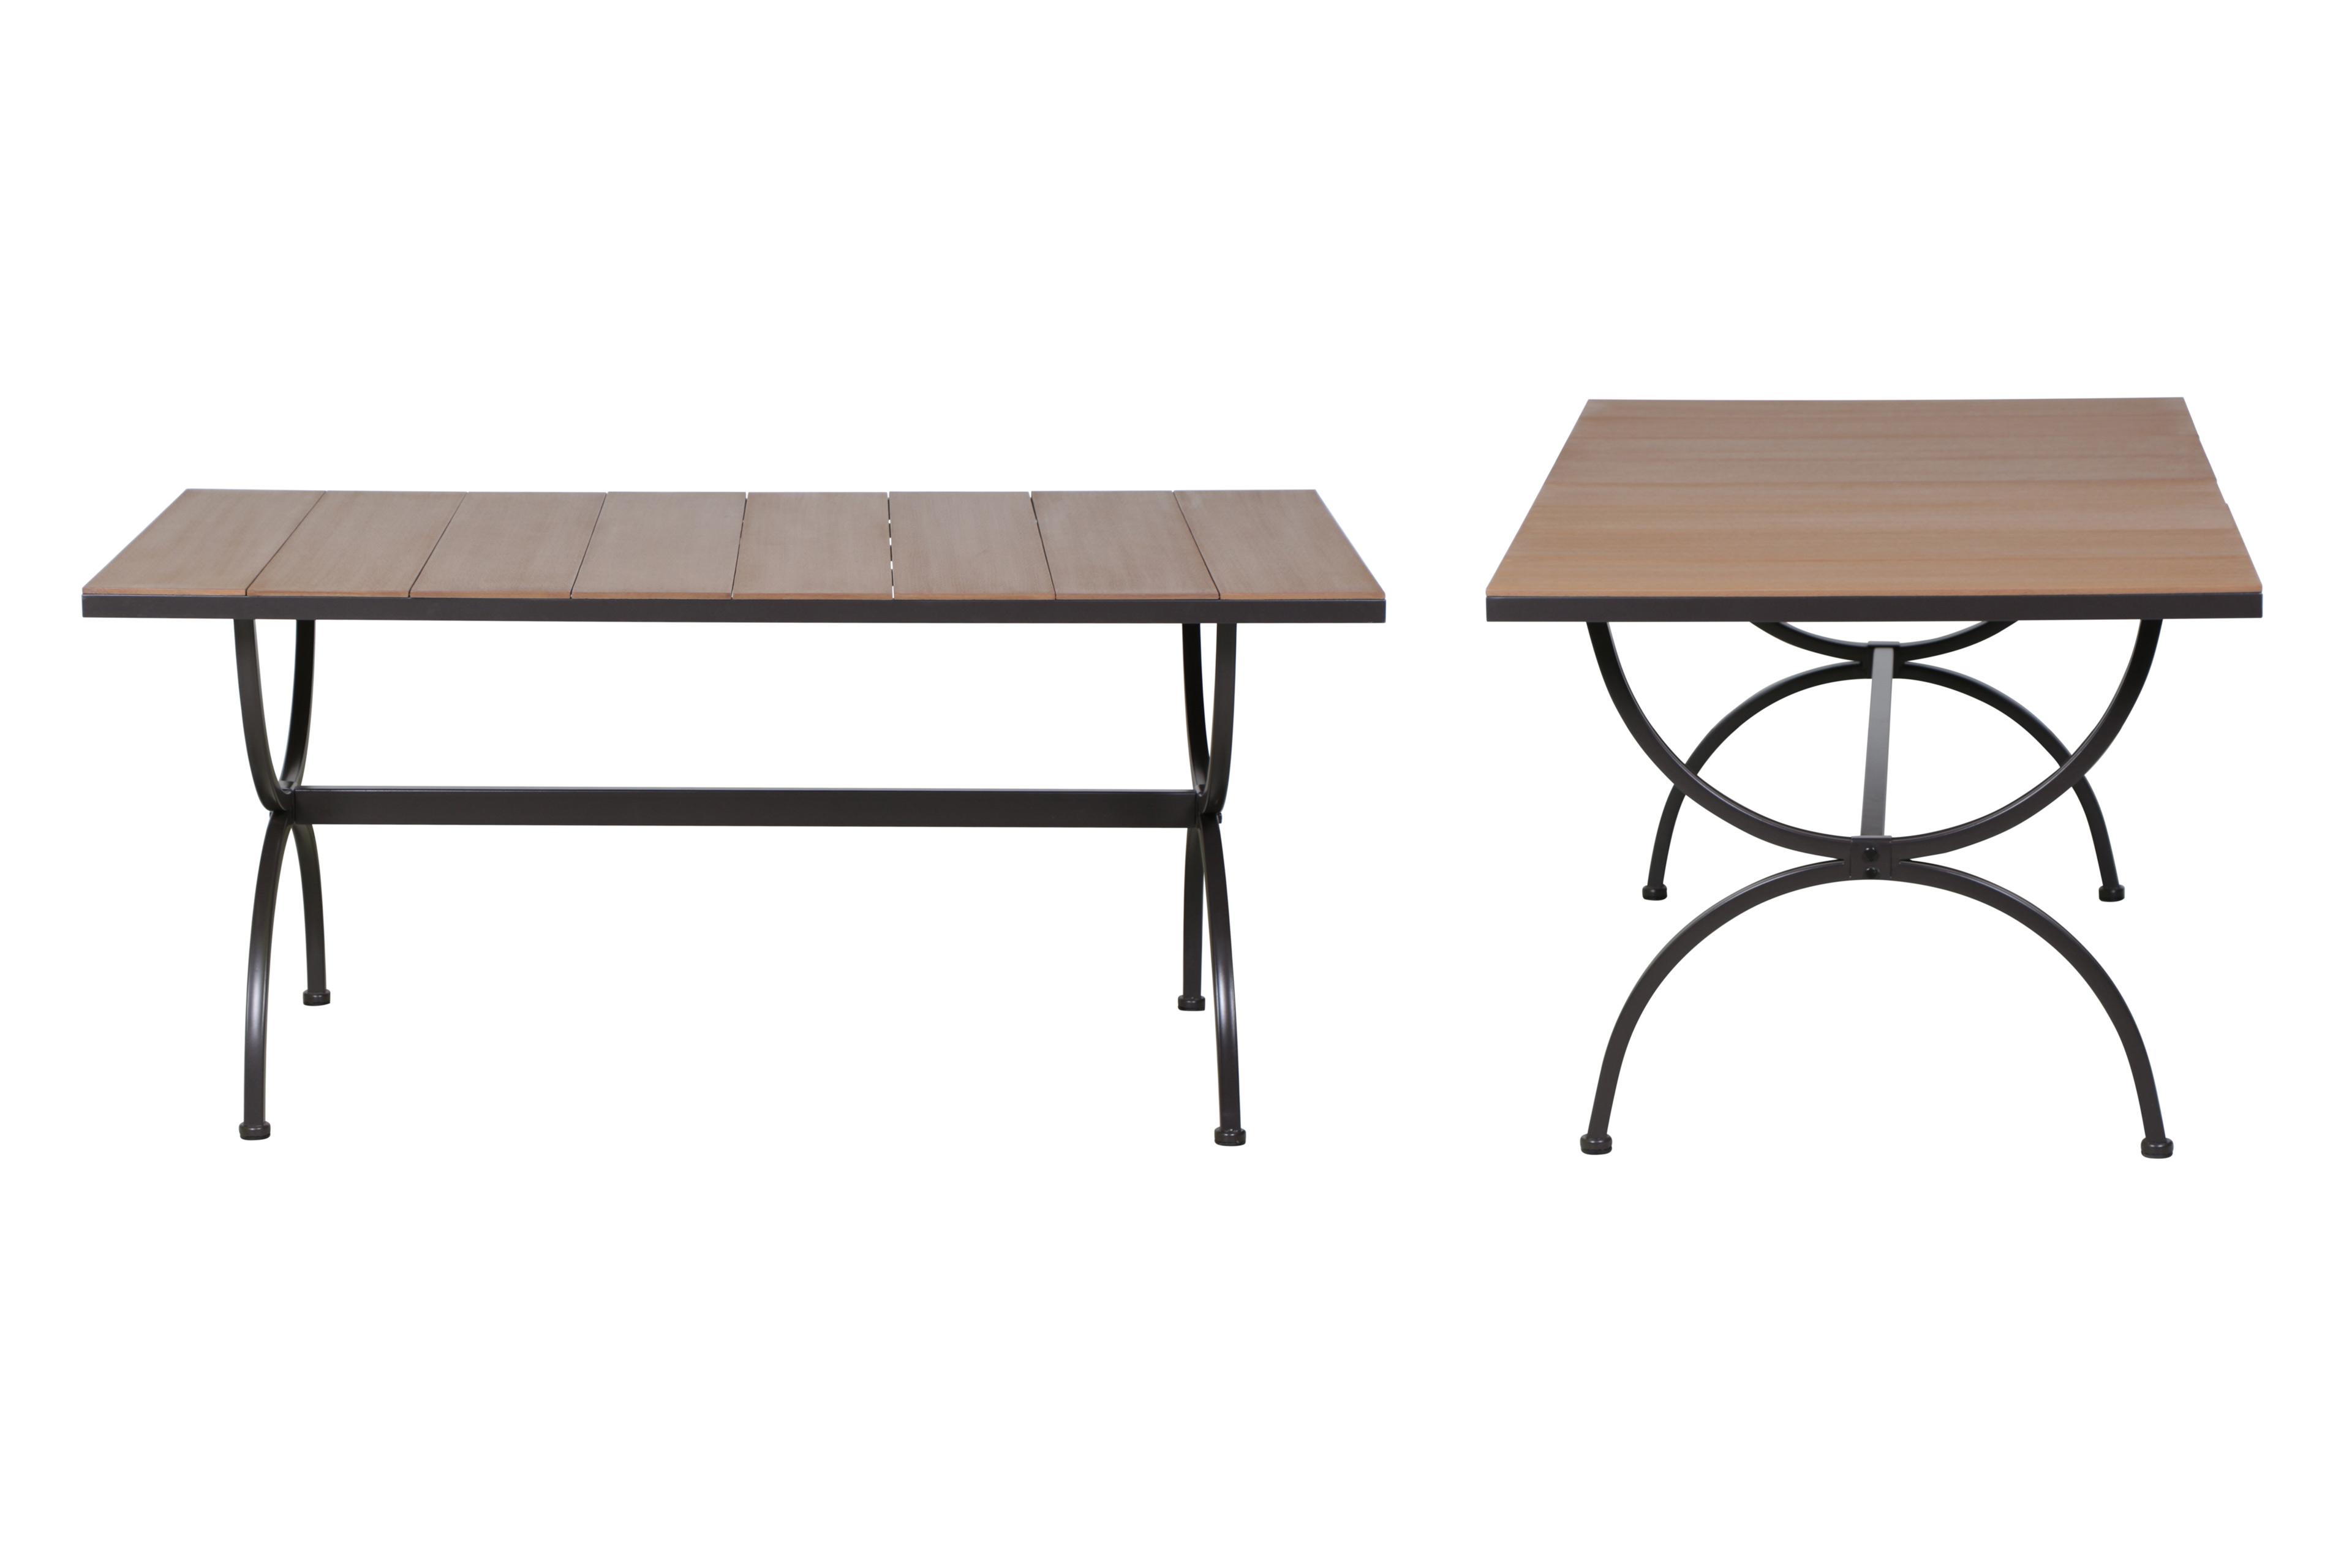 gartentisch romeo interior design und m bel ideen. Black Bedroom Furniture Sets. Home Design Ideas